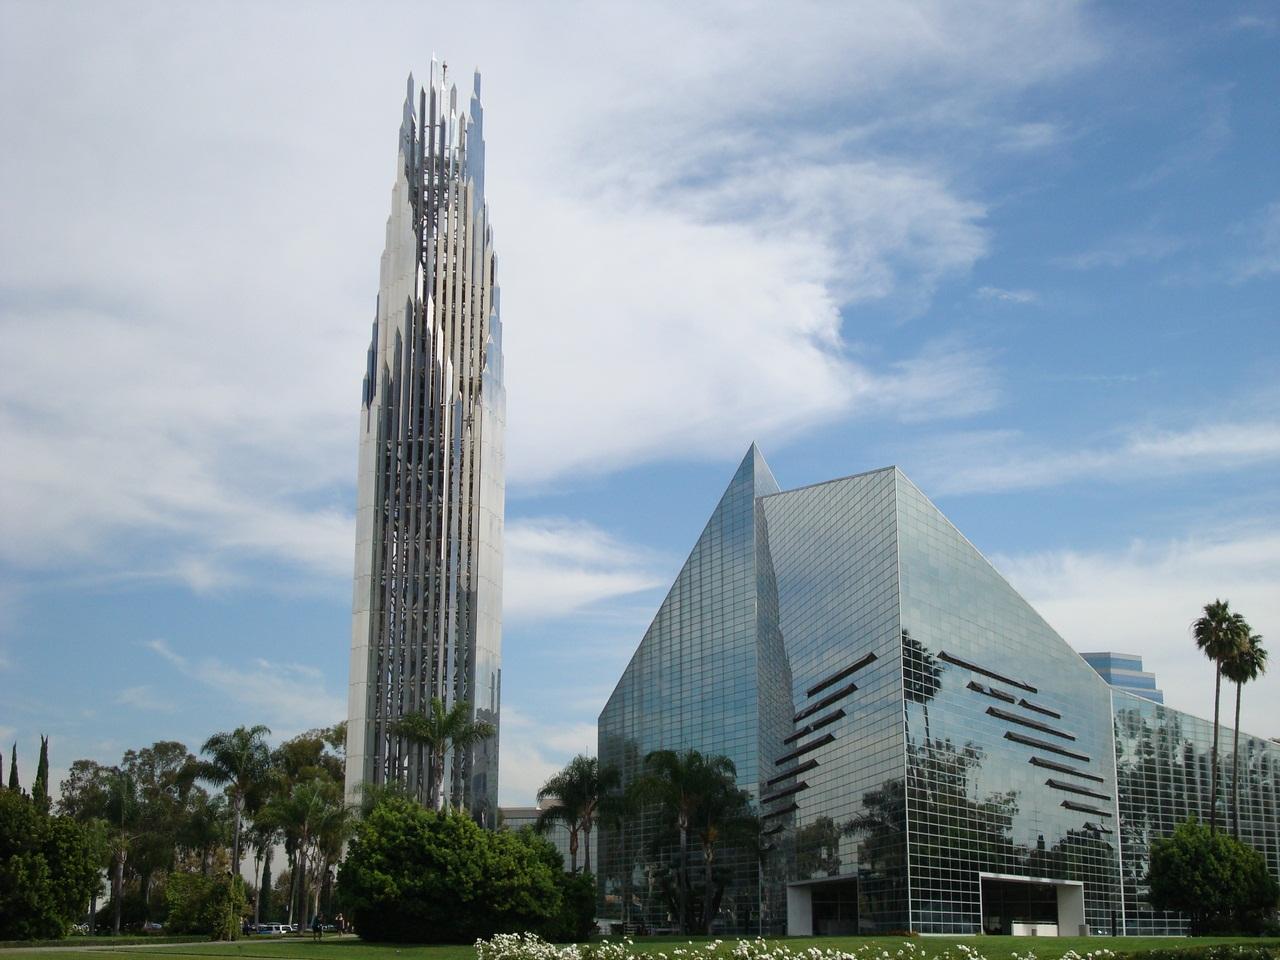 Самая голливудская церковь в мире и самое большое сооружение из стекла